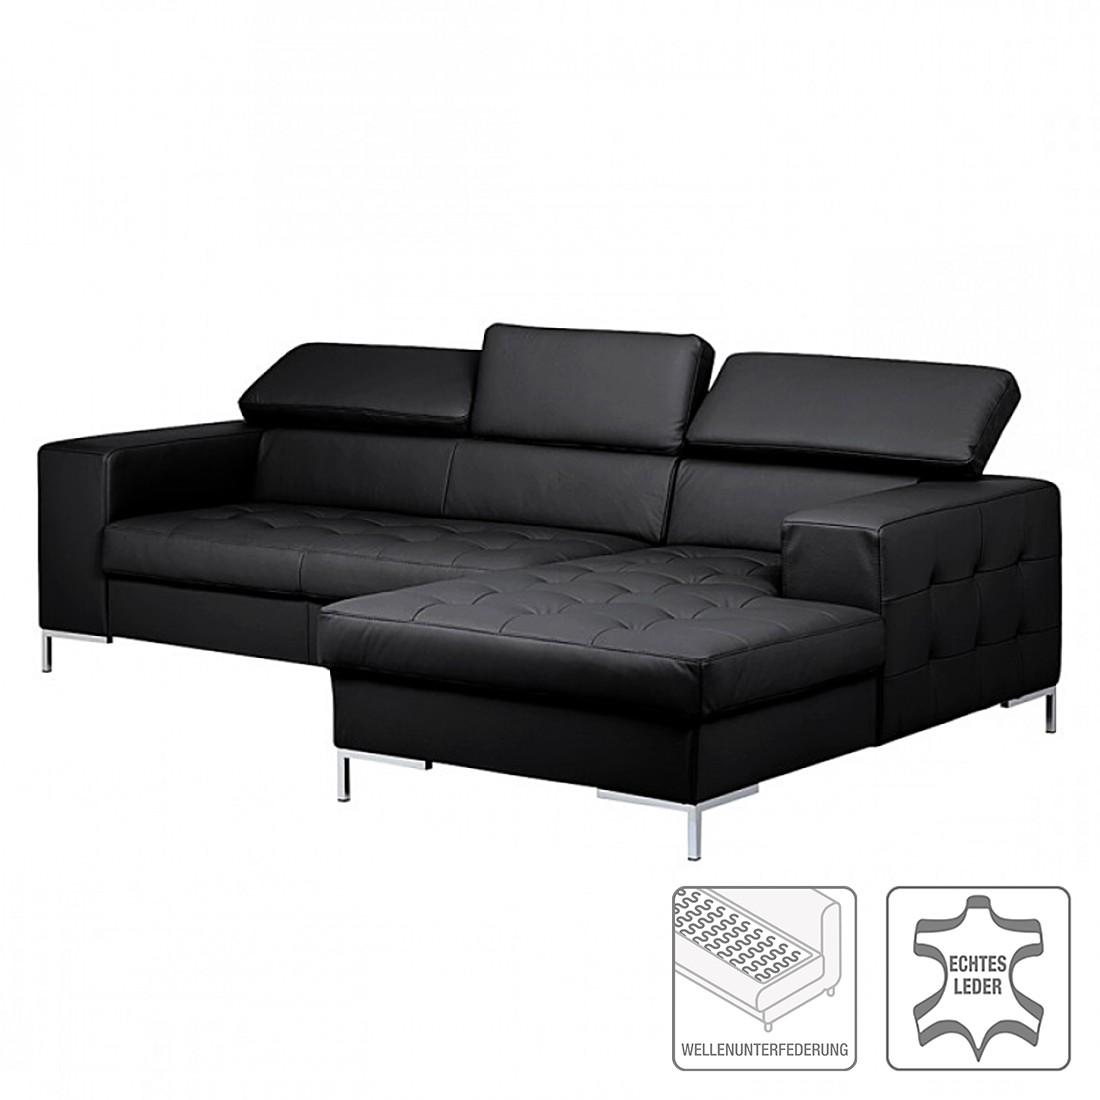 Canapé d'angle Prugna - Cuir véritable noir - Méridienne à droite, Fredriks